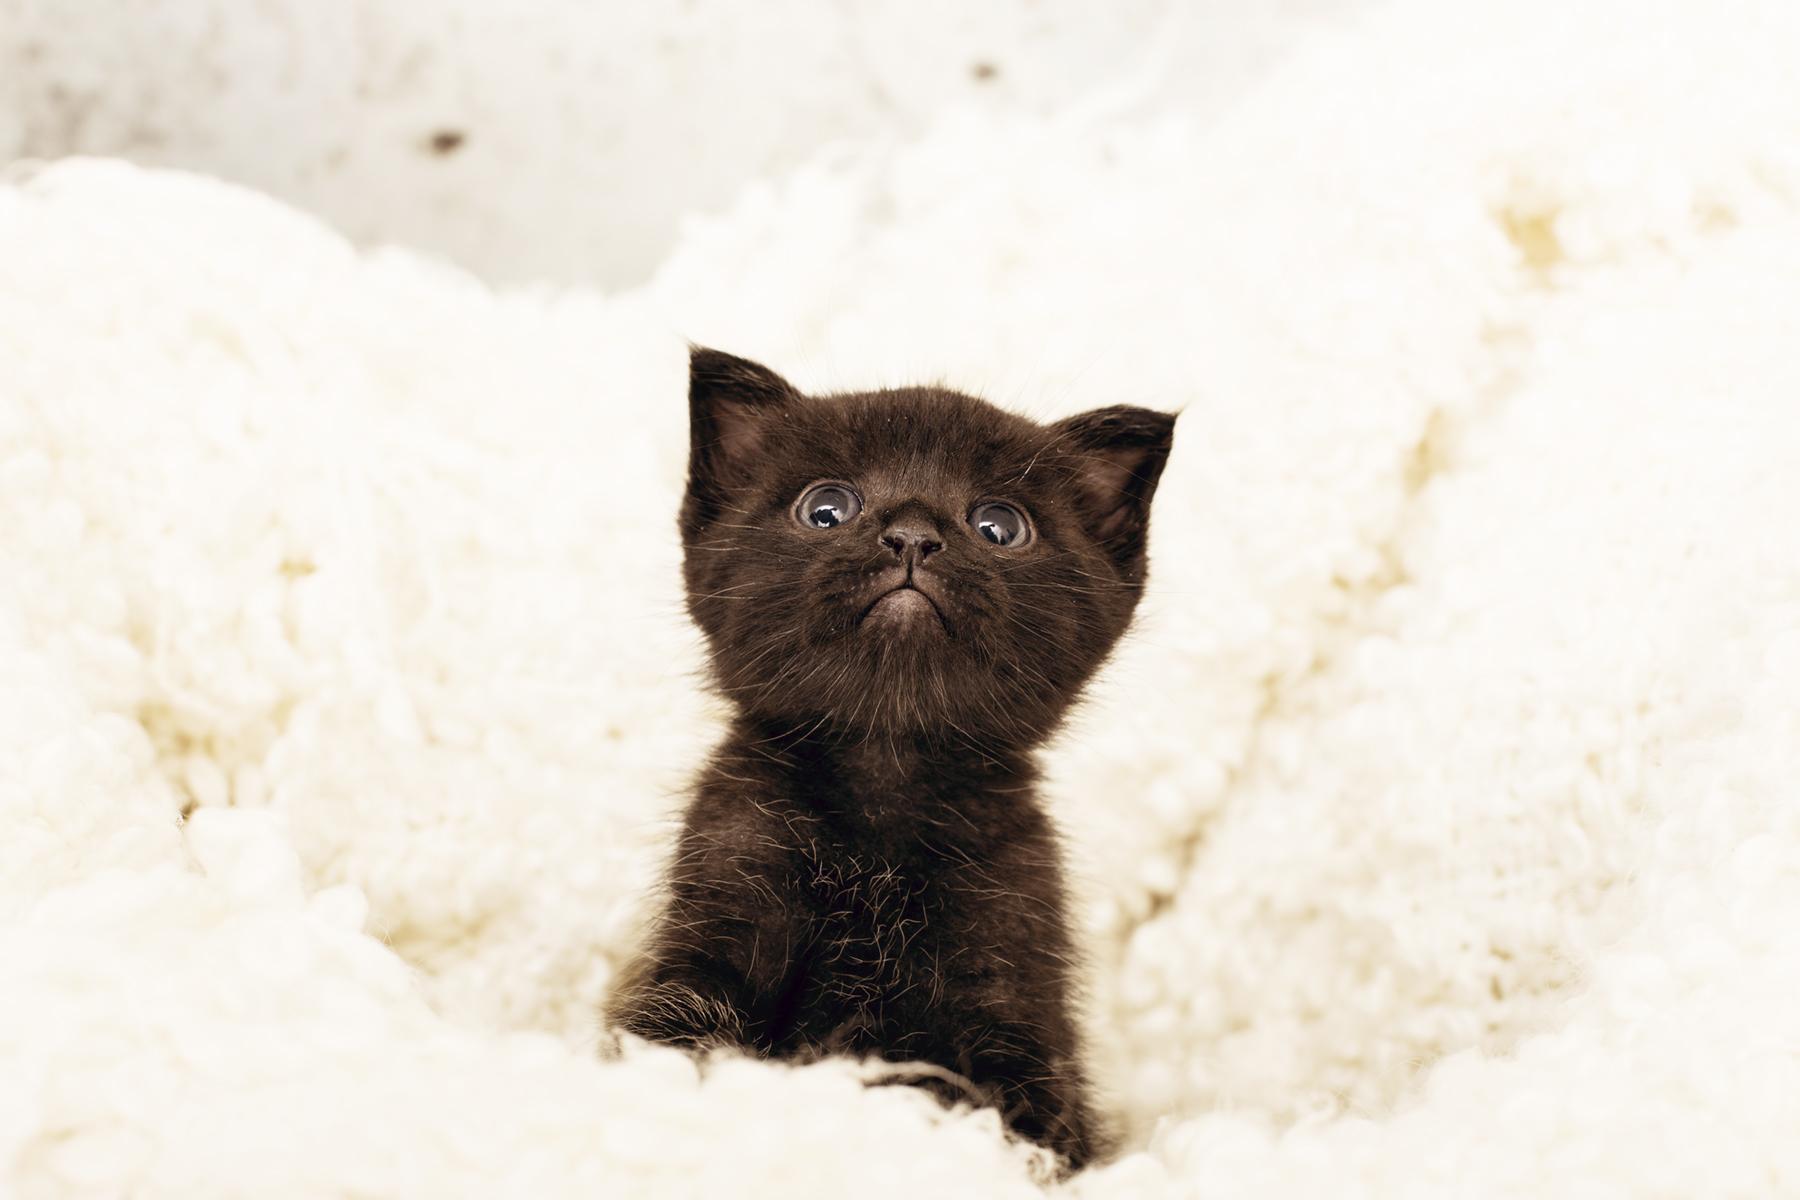 CatsIMG_2009_web.jpg